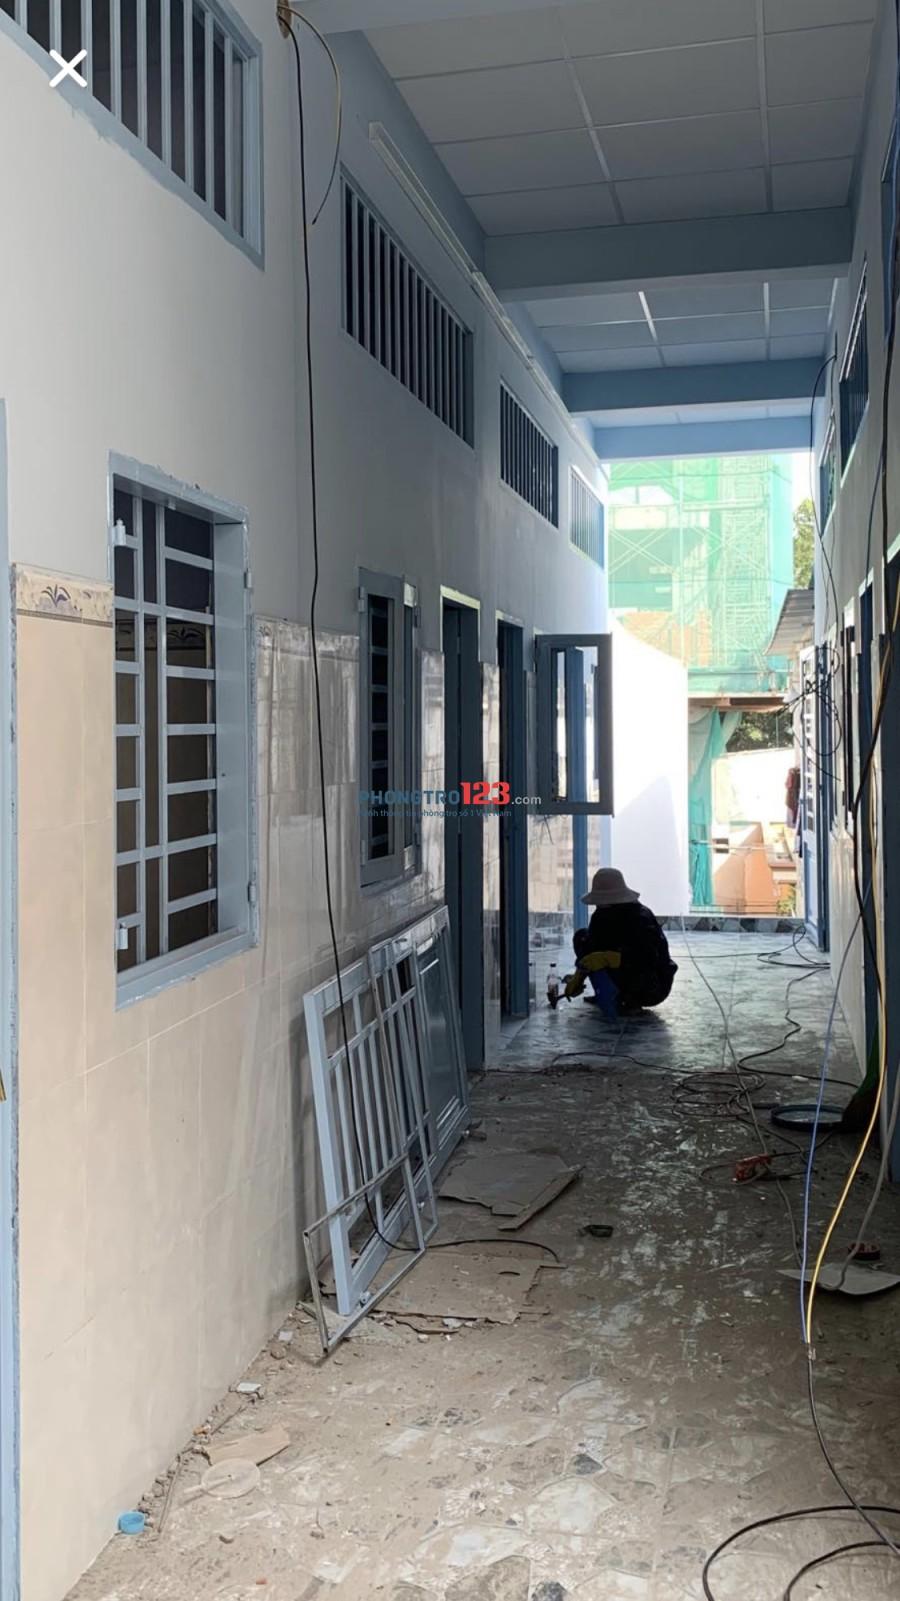 Cho thuê phòng trọ vừa mới xây, mới 100%, sạch sẽ, tiện nghi tại 296/27 Đường Huỳnh Tấn Phát, P.Tân Thuận Tây, Quận 7